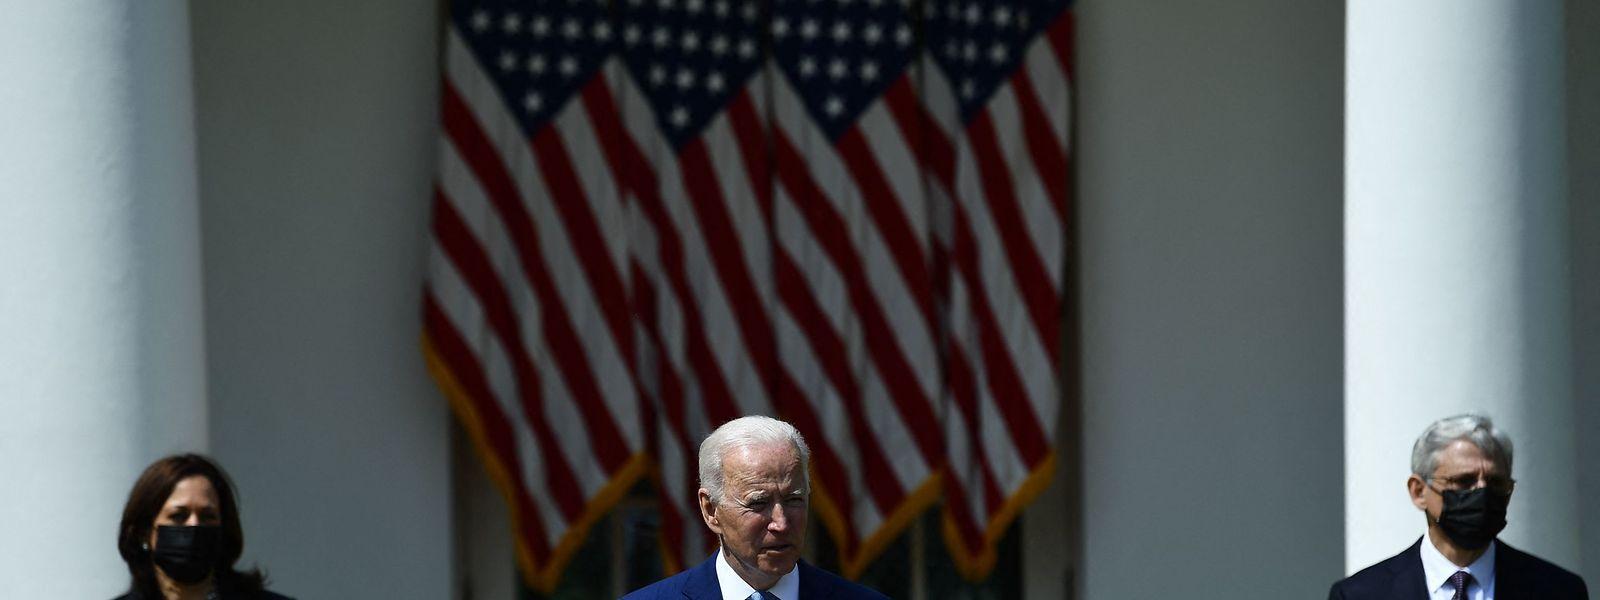 US-Präsident Joe Biden (Mitte) und Vizepräsidentin Kamala Harris sowie Generalstaatsanwalt Merrick Garland stellen ihre Pläne zum Kampf gegen Waffengewalt vor.